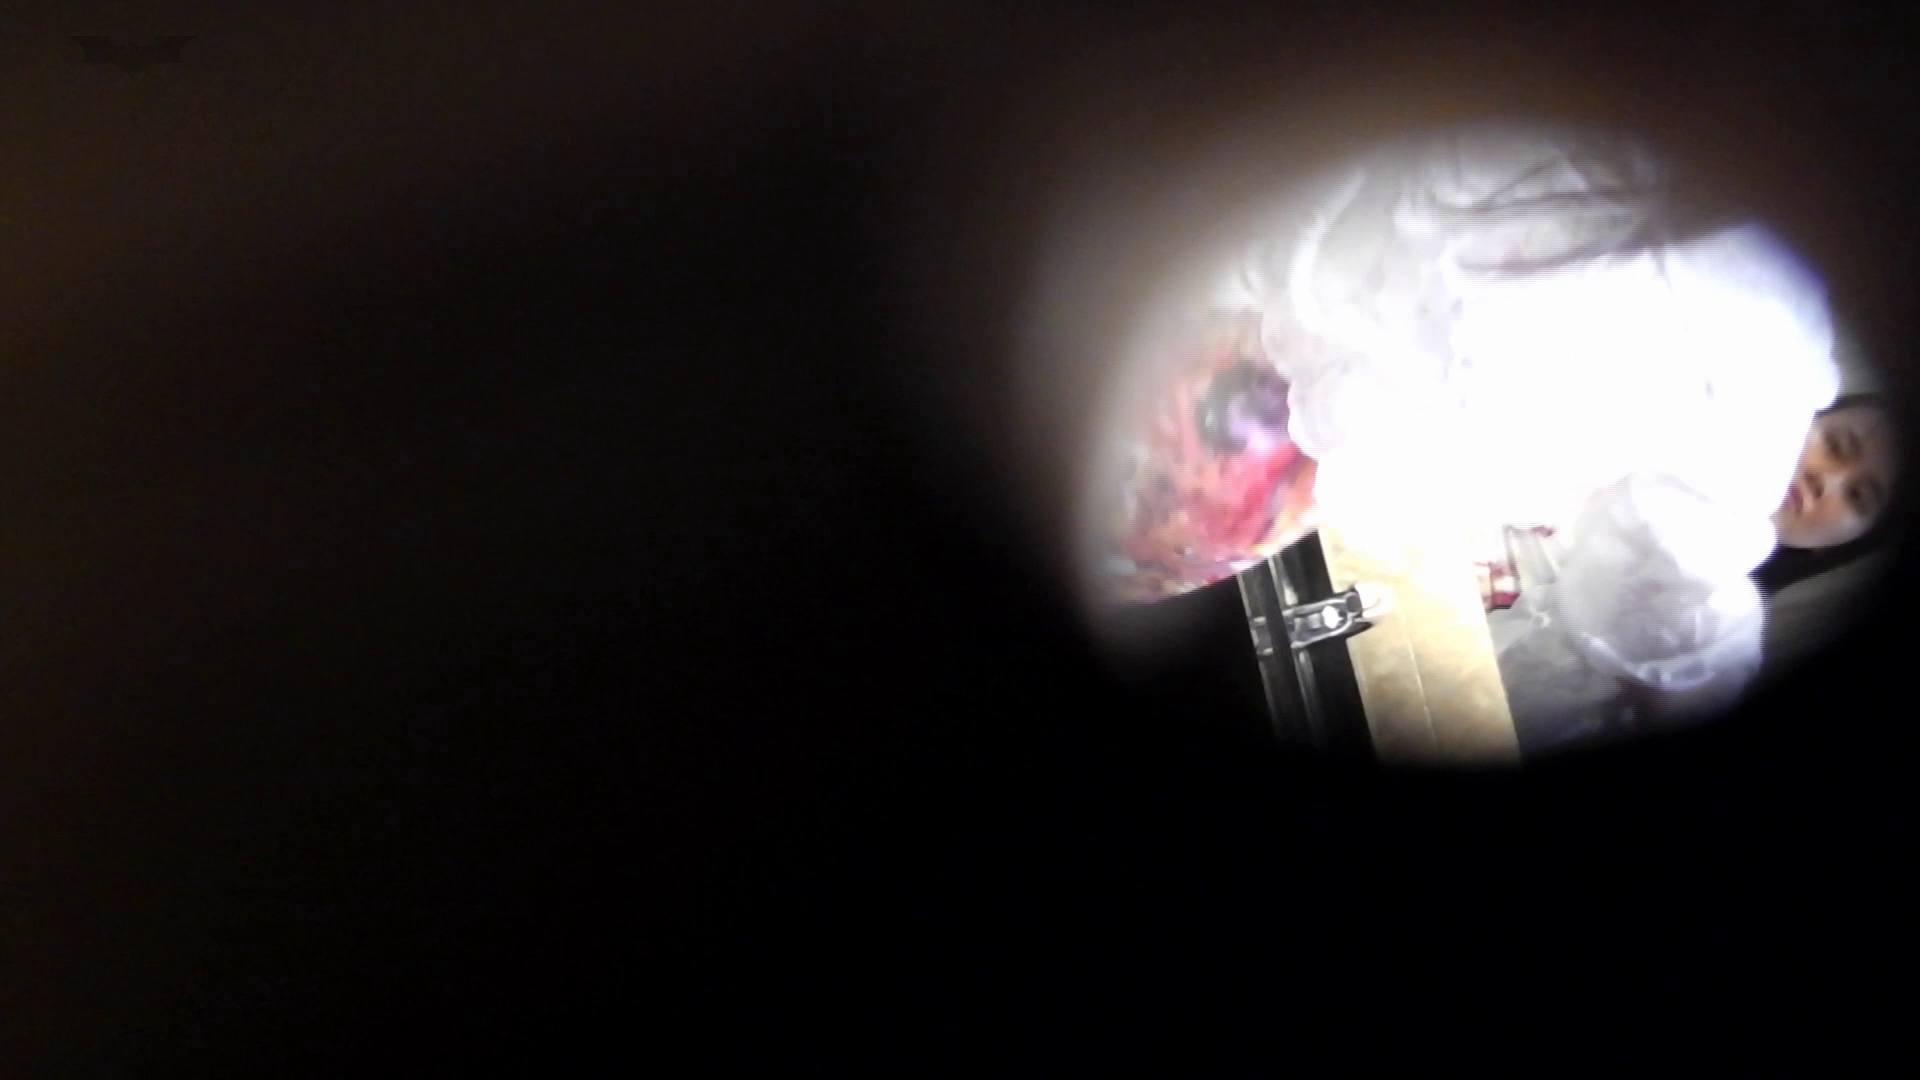 和式洋式七変化 Vol.31 洋式だけど丸見えですっ!! 丸見えマンコ | 高画質  96画像 49